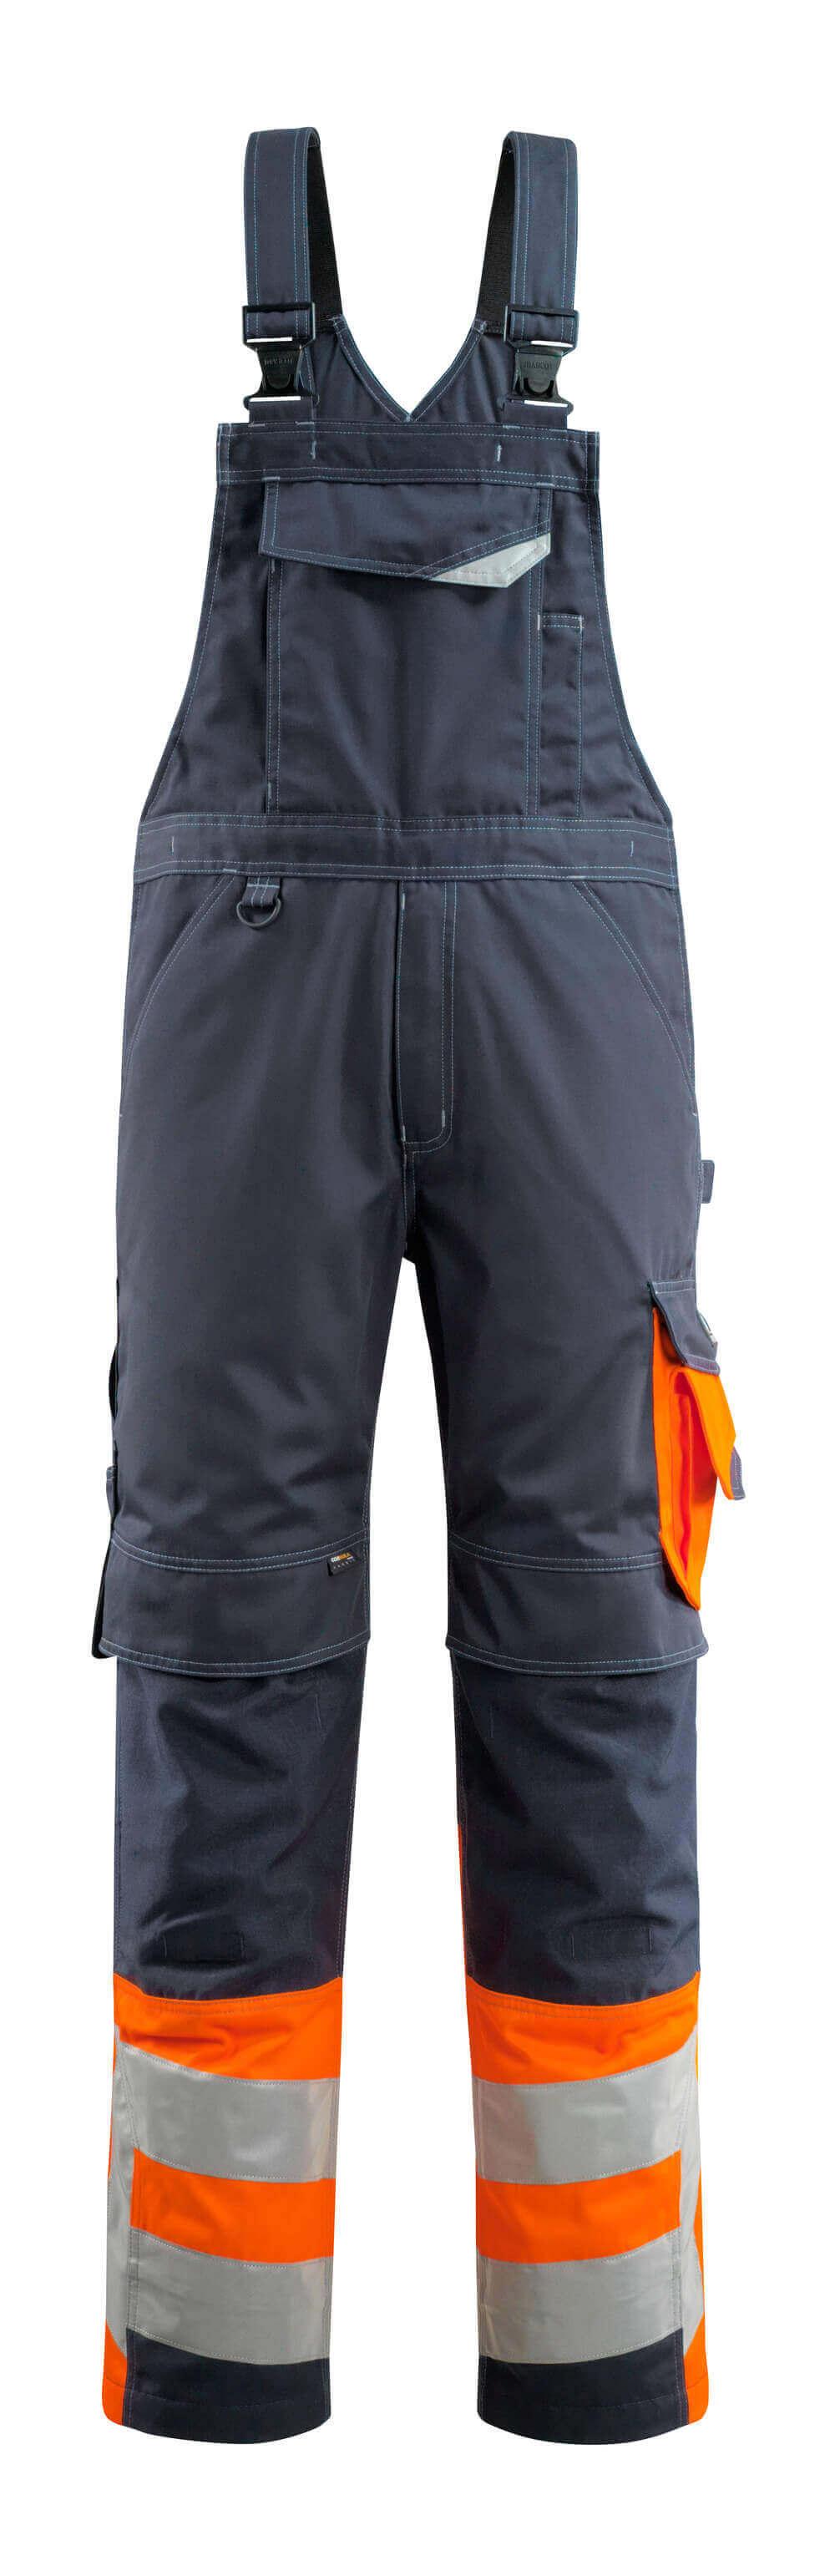 15669-860-01014 Avosuoja polvitaskuilla - tumma laivastonsininen/hi-vis oranssi